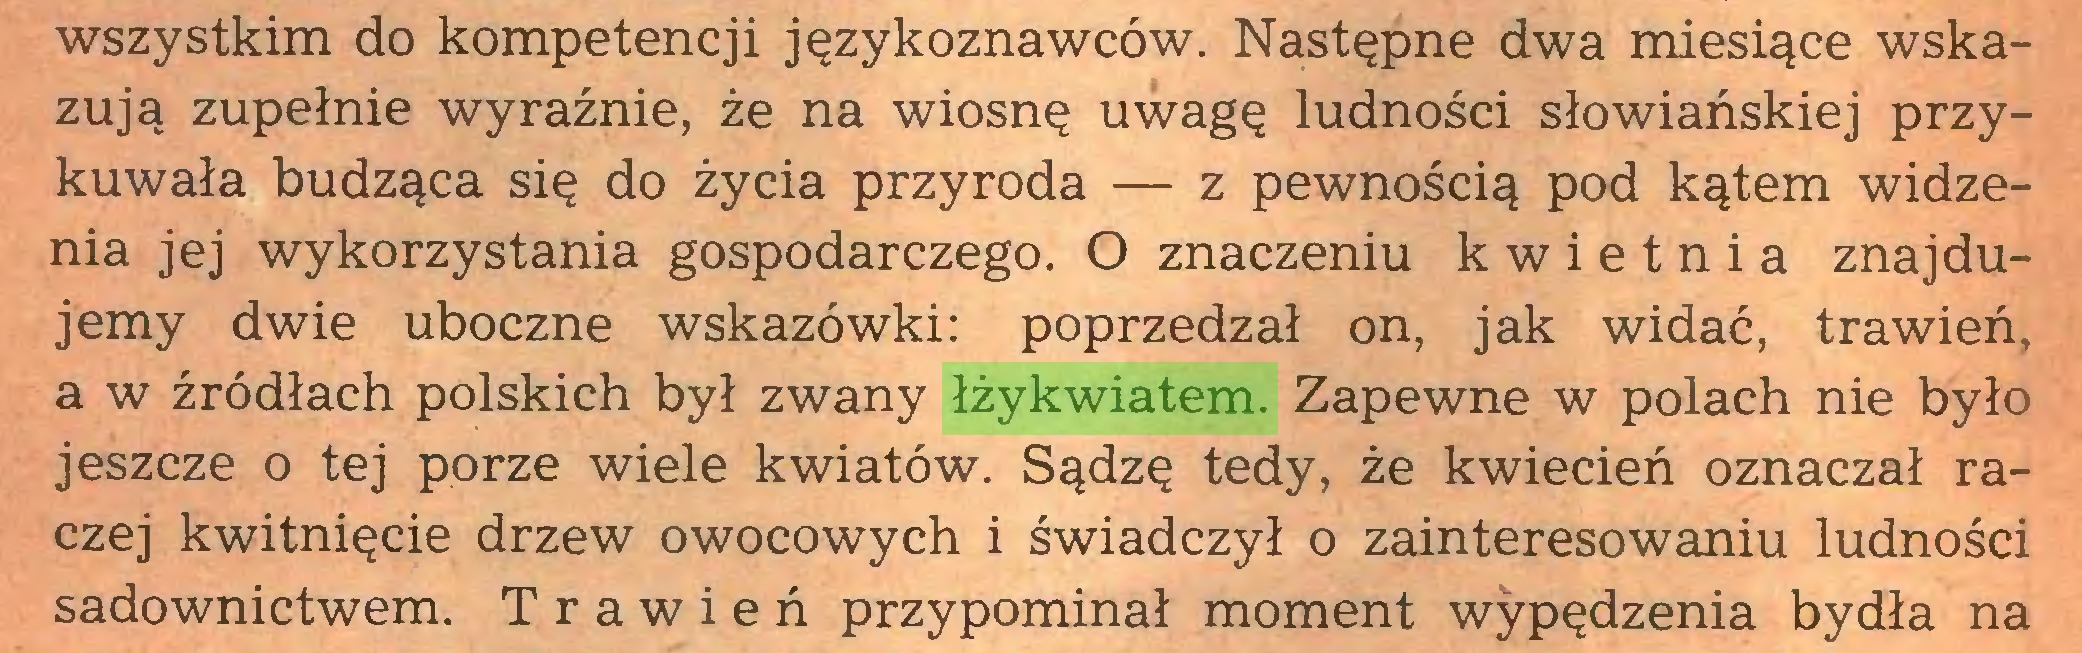 (...) wszystkim do kompetencji językoznawców. Następne dwa miesiące wskazują zupełnie wyraźnie, że na wiosnę uwagę ludności słowiańskiej przykuwała budząca się do życia przyroda — z pewnością pod kątem widzenia jej wykorzystania gospodarczego. O znaczeniu kwietnia znajdujemy dwie uboczne wskazówki: poprzedzał on, jak widać, trawień, a w źródłach polskich był zwany łżykwiatem. Zapewne w polach nie było jeszcze o tej porze wiele kwiatów. Sądzę tedy, że kwiecień oznaczał raczej kwitnięcie drzew owocowych i świadczył o zainteresowaniu ludności sadownictwem. Trawień przypominał moment wypędzenia bydła na...